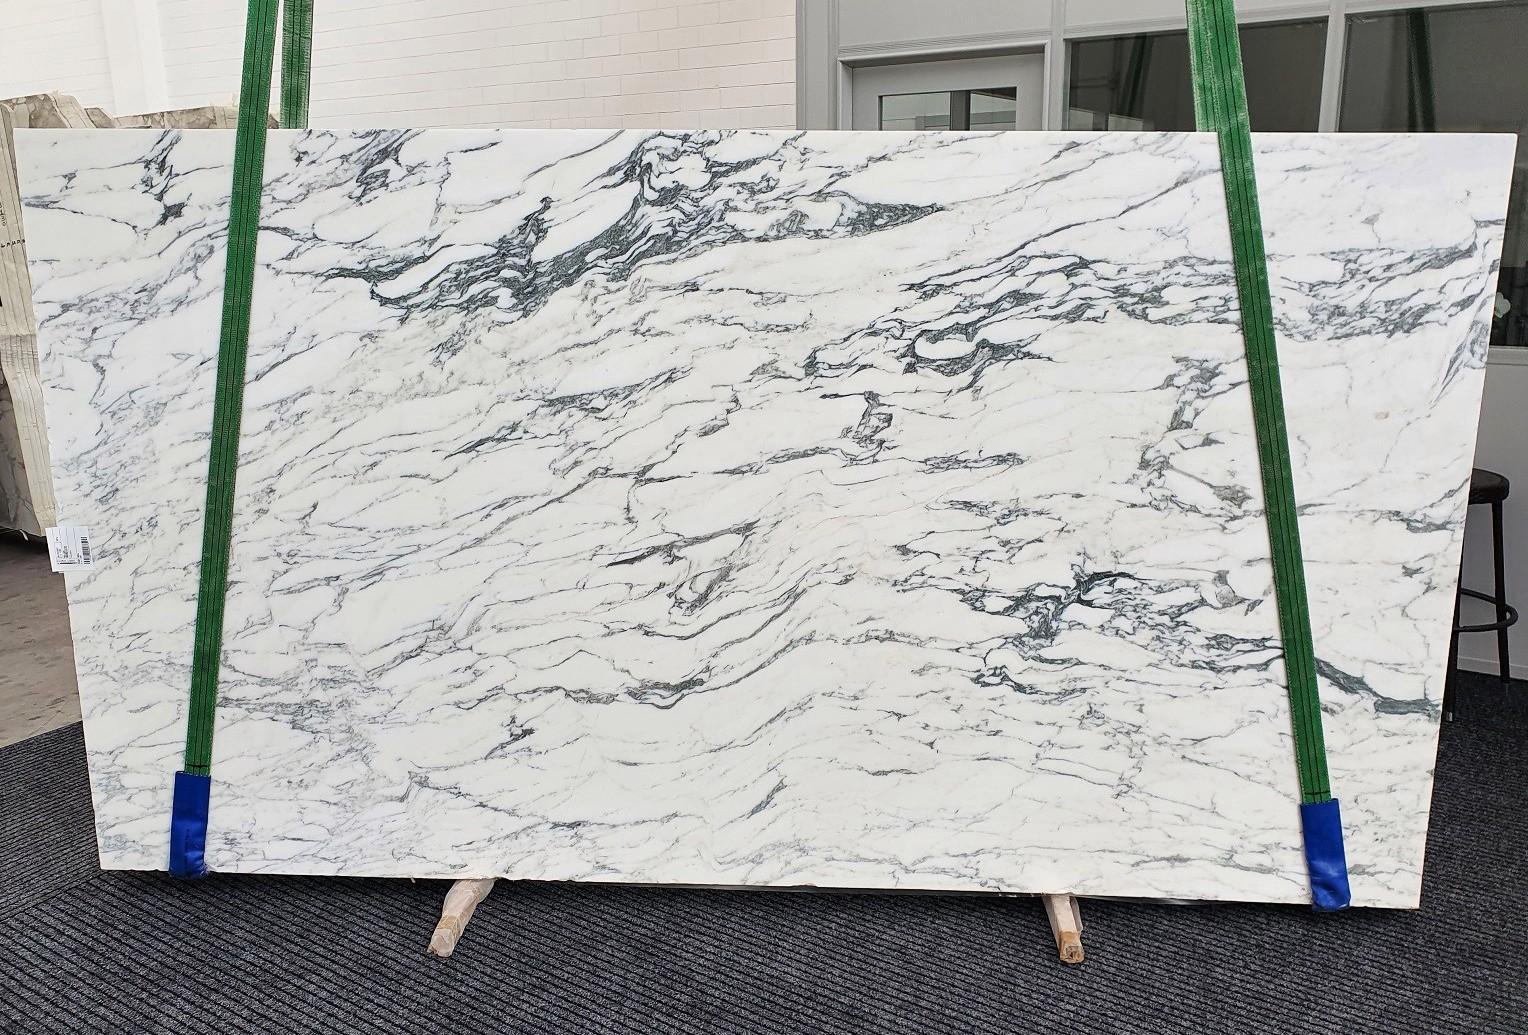 ARABESCATO FAINELLO Suministro Veneto (Italia) de planchas pulidas en mármol natural 1356 , Slab #23